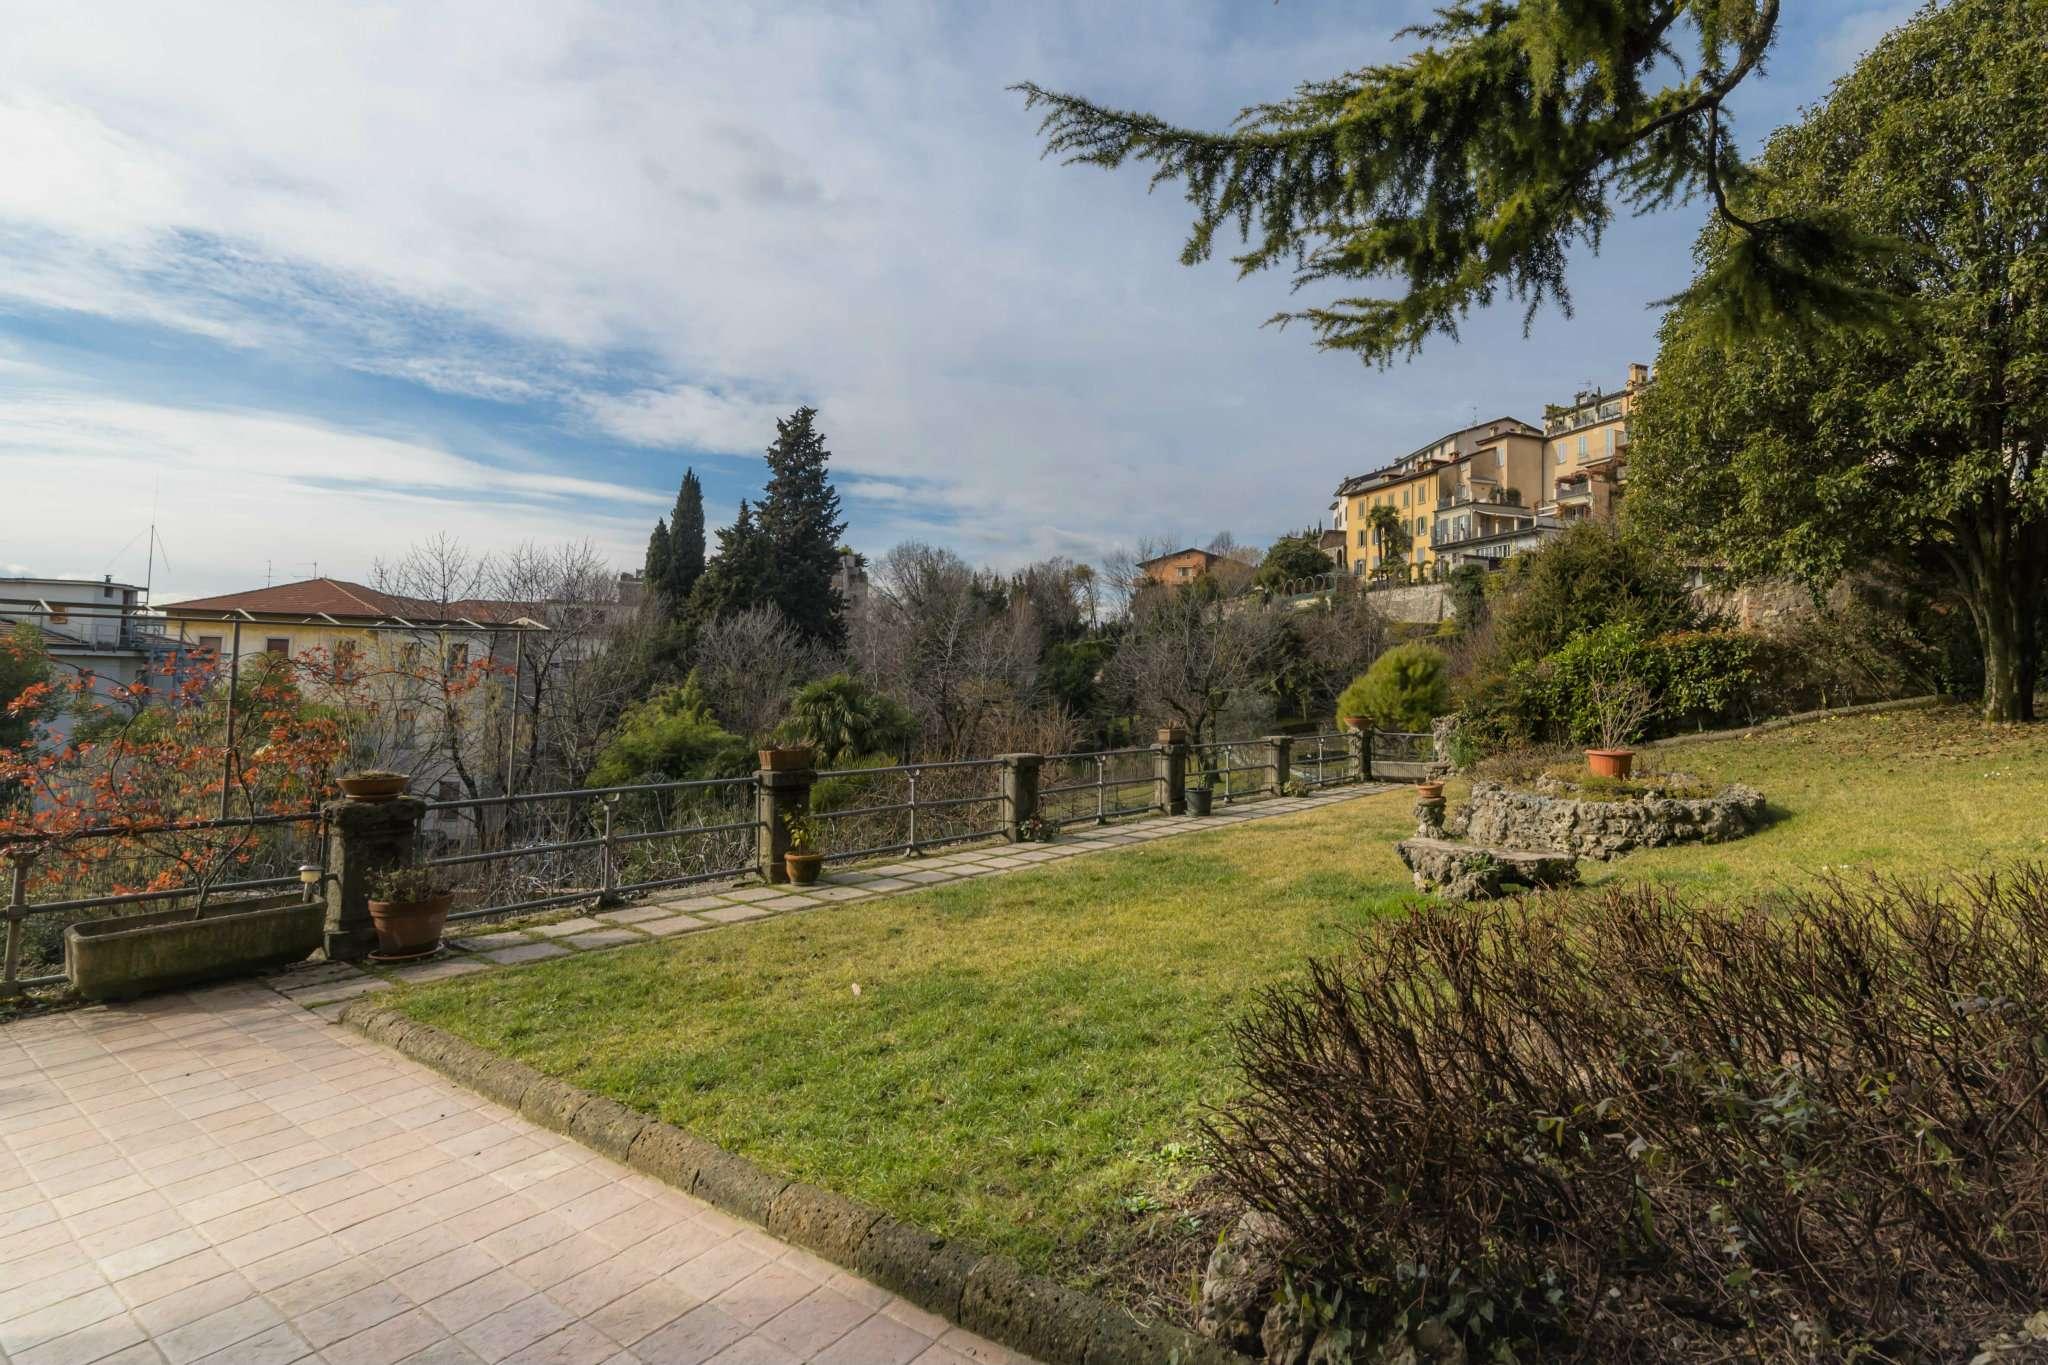 Appartamento in vendita a Bergamo, 5 locali, prezzo € 900.000 | CambioCasa.it